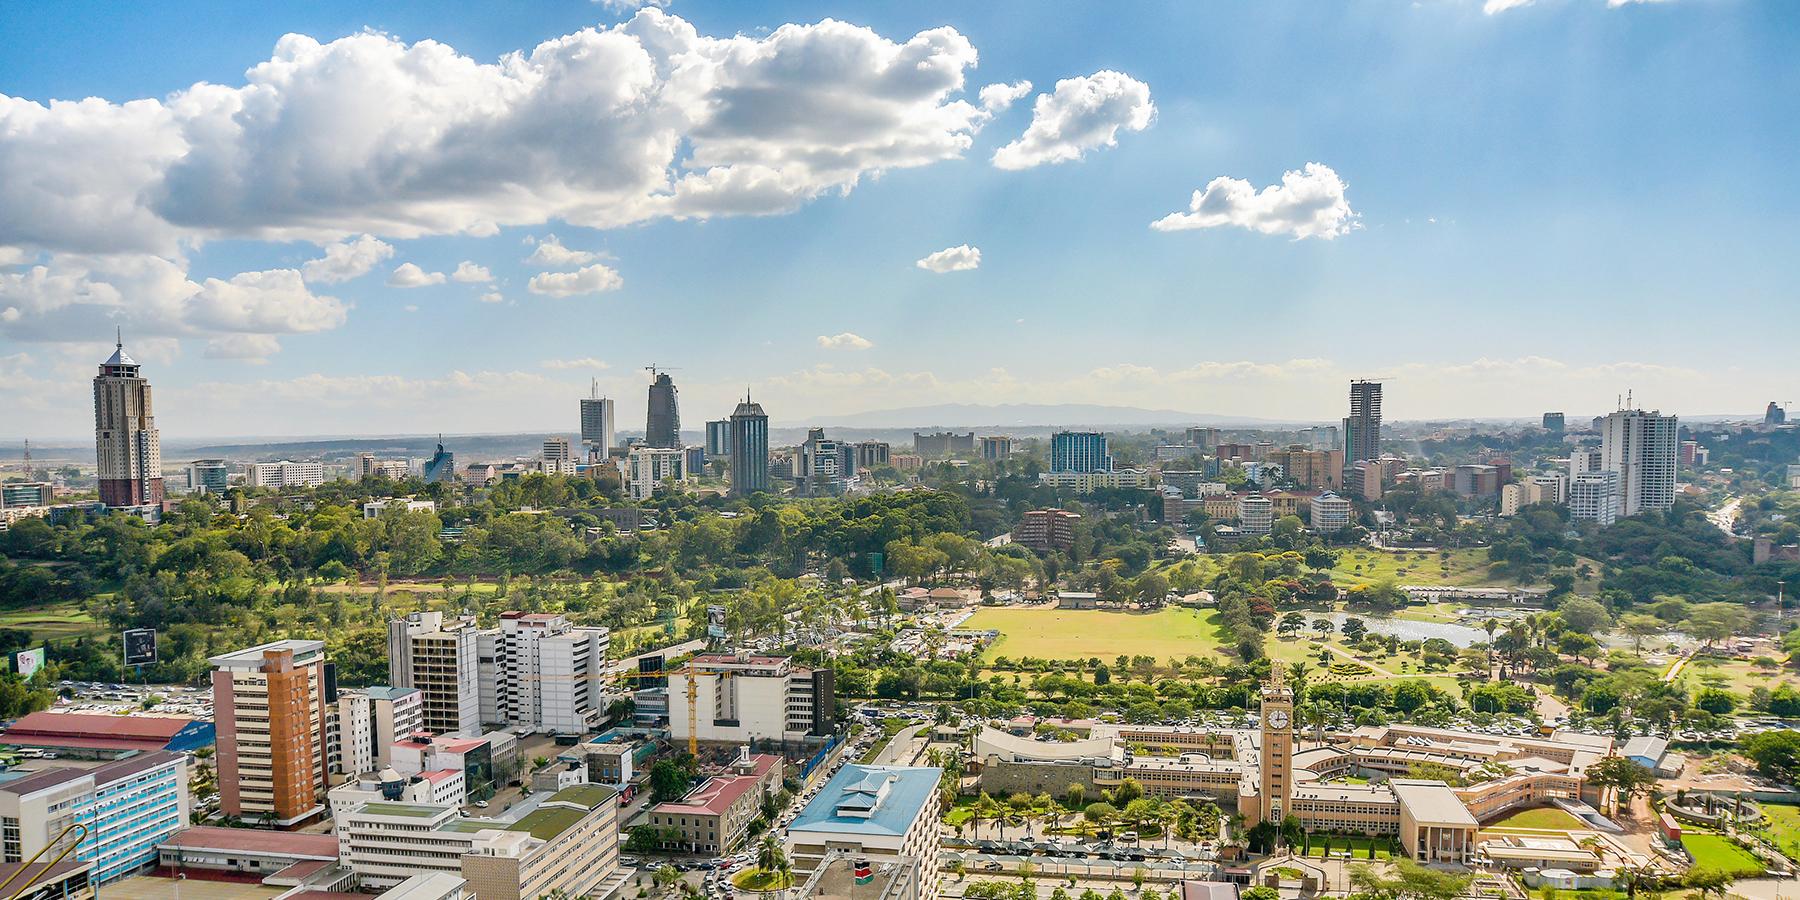 Kohti älykästä kaupunkia: Nairobin Tatu City